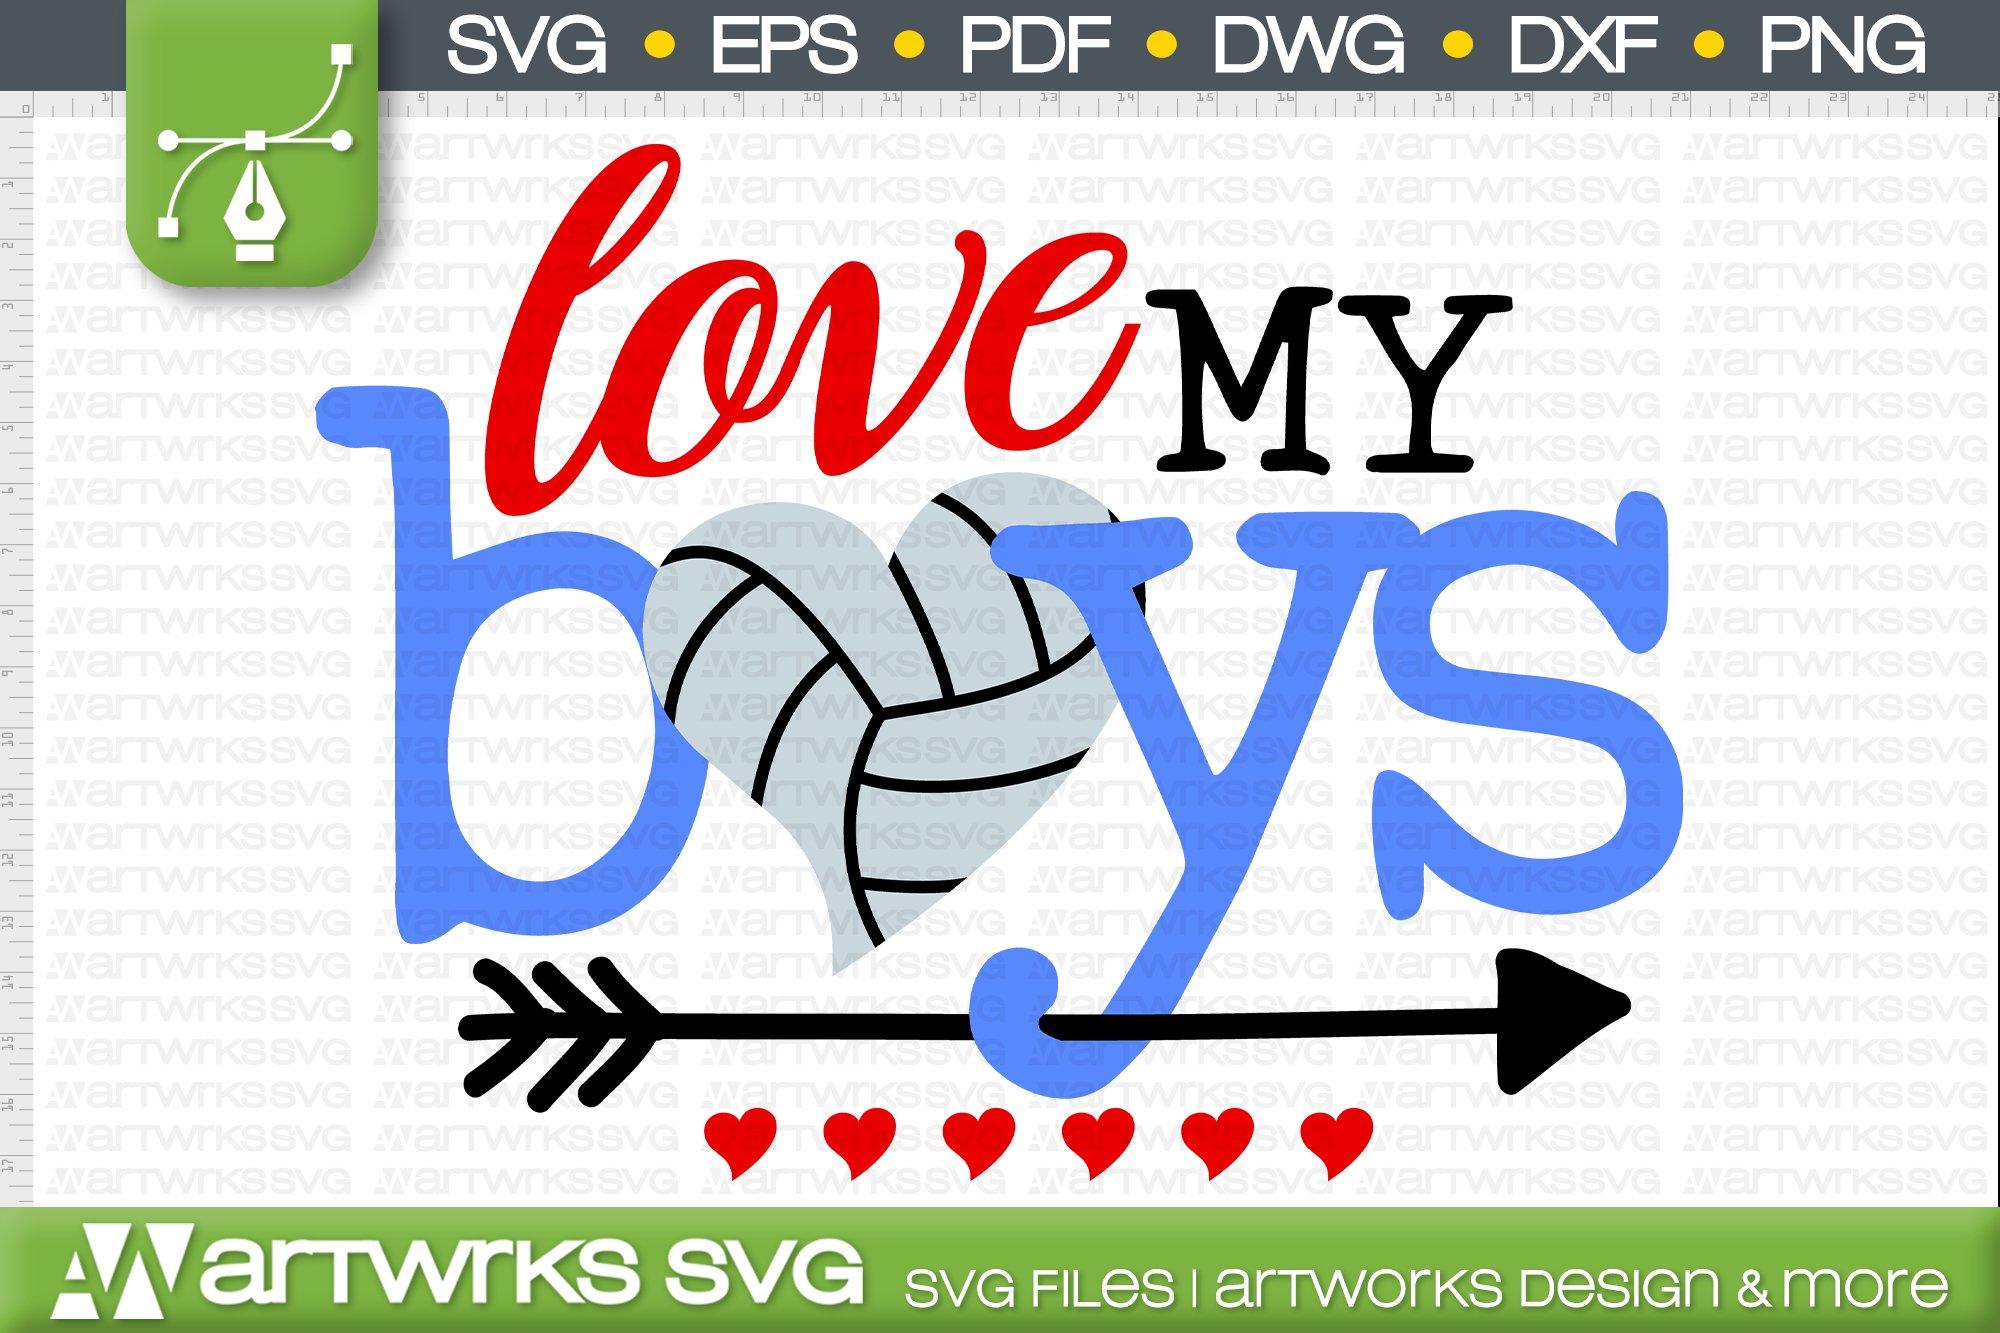 Volleyball Mandala Svg Ideas - Layered SVG Cut File